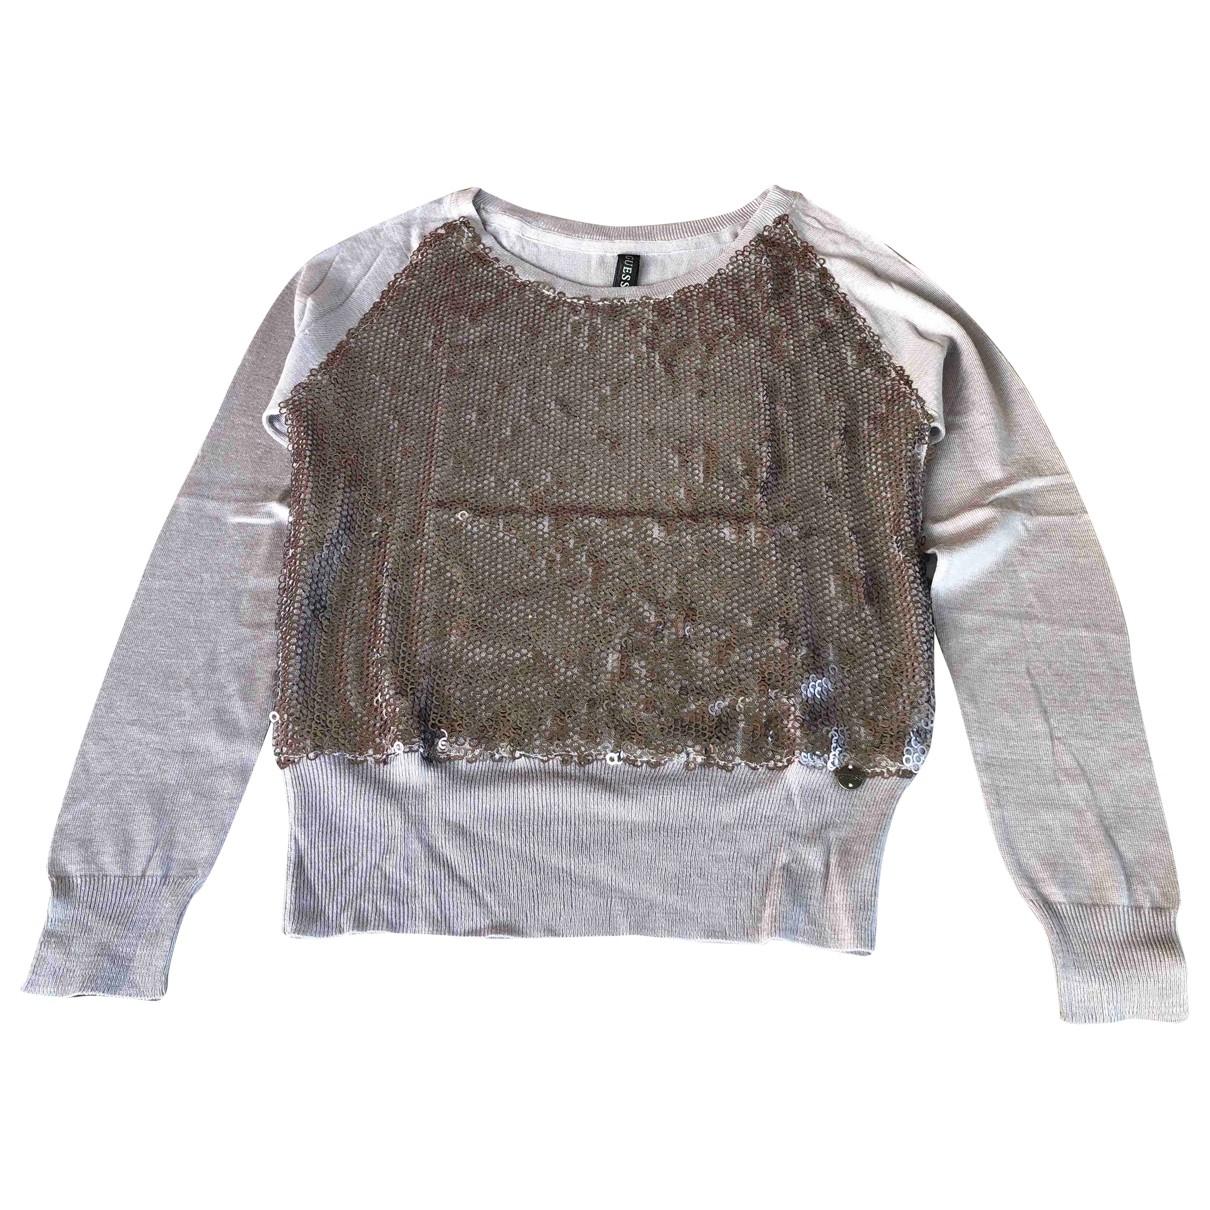 Guess \N Grey Knitwear for Women S International